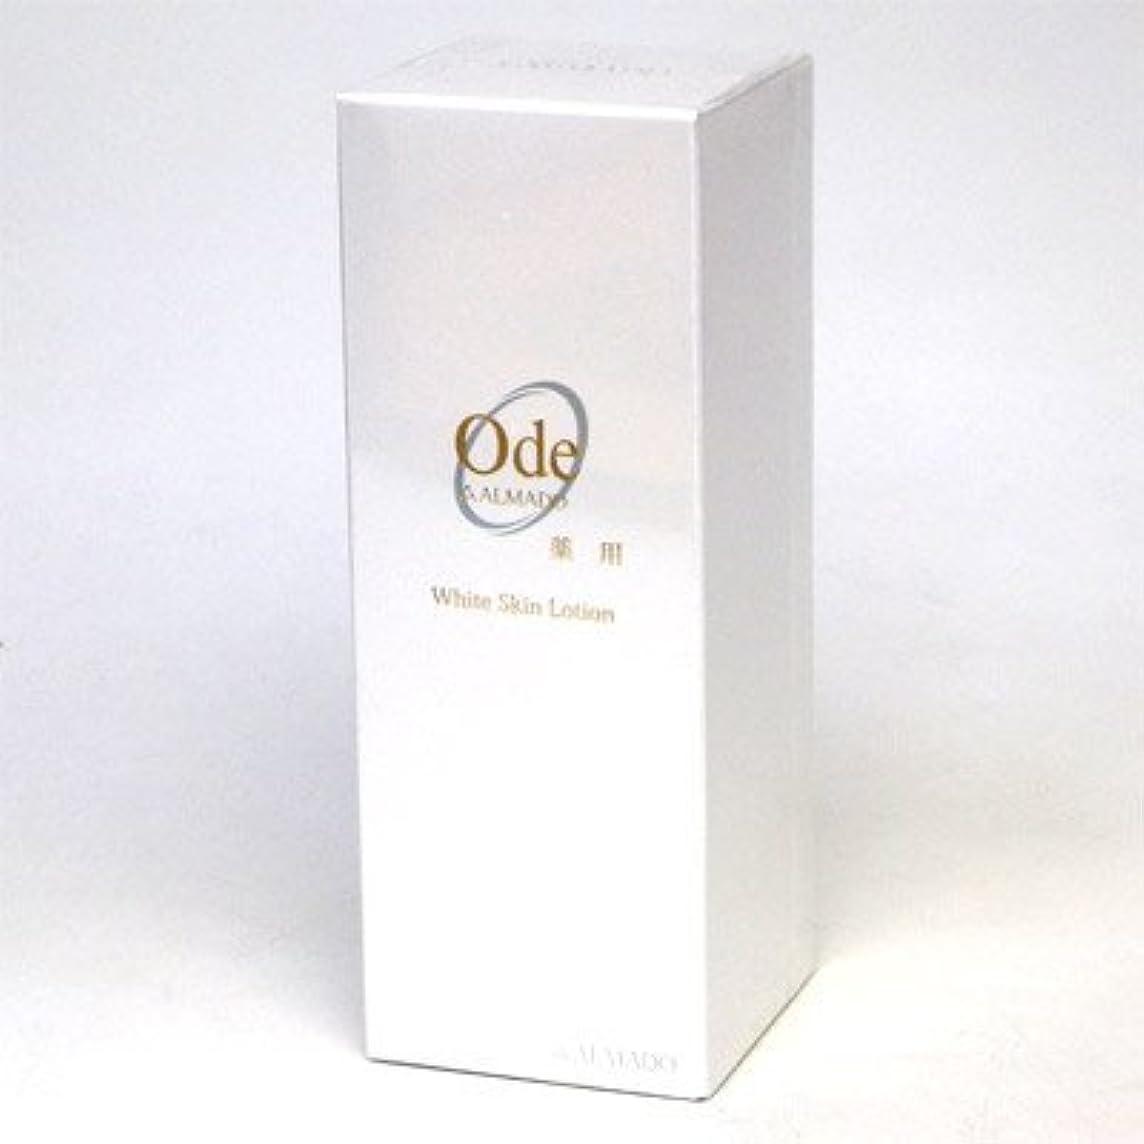 ペストリー思いやりのある選択するアルマード オーディ 薬用スキンローション 120ml 医薬部外品